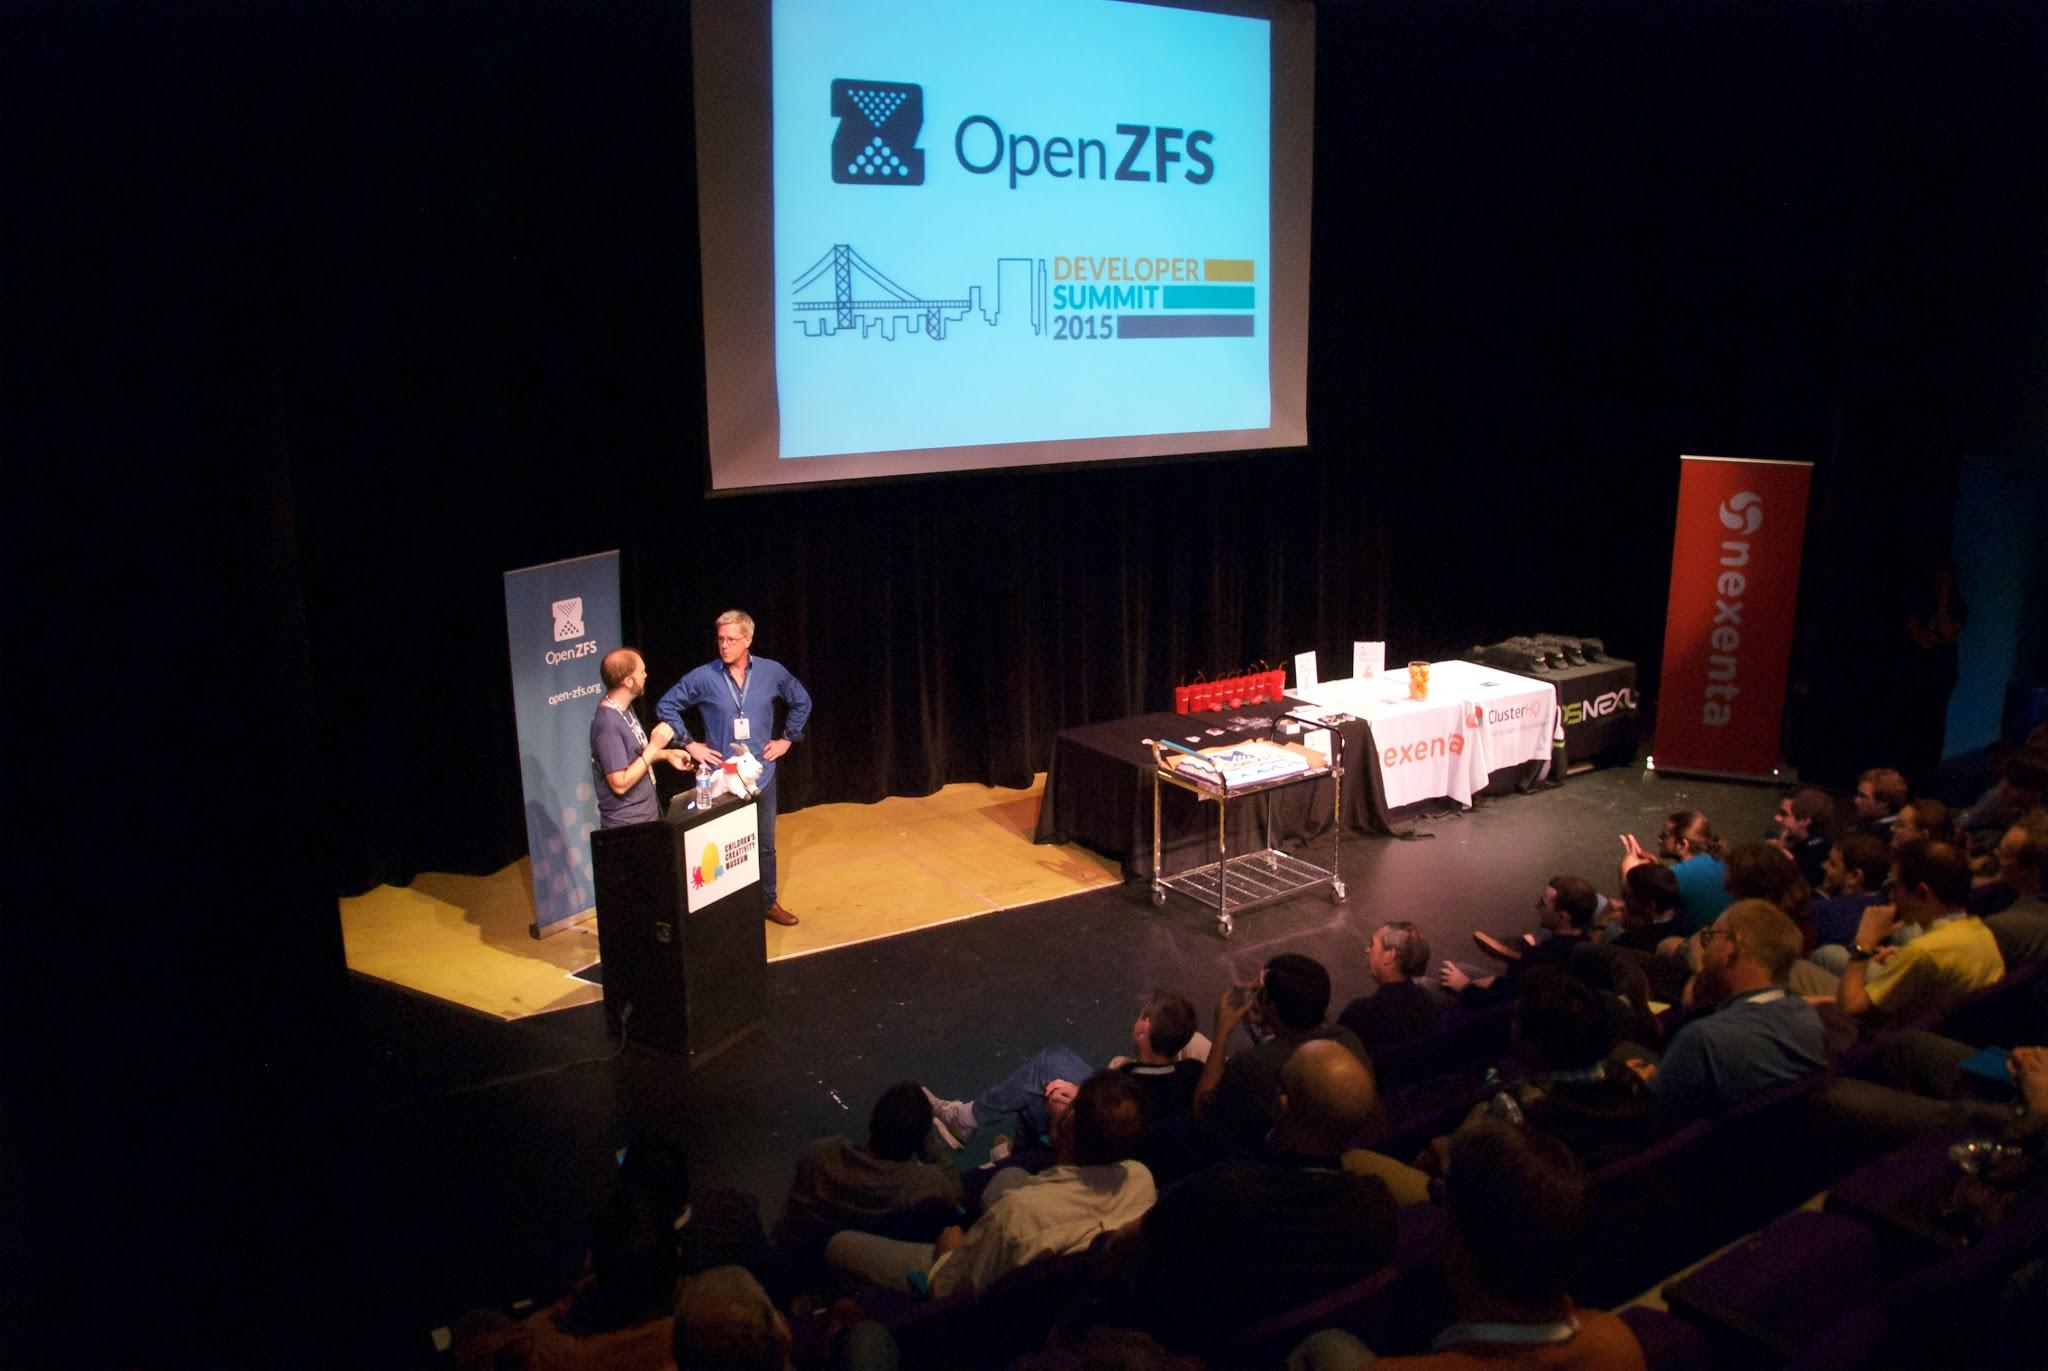 L'OpenZFS Developer Summit de San Francisco a rassemblé une centaine de développeurs, venus du monde entier.